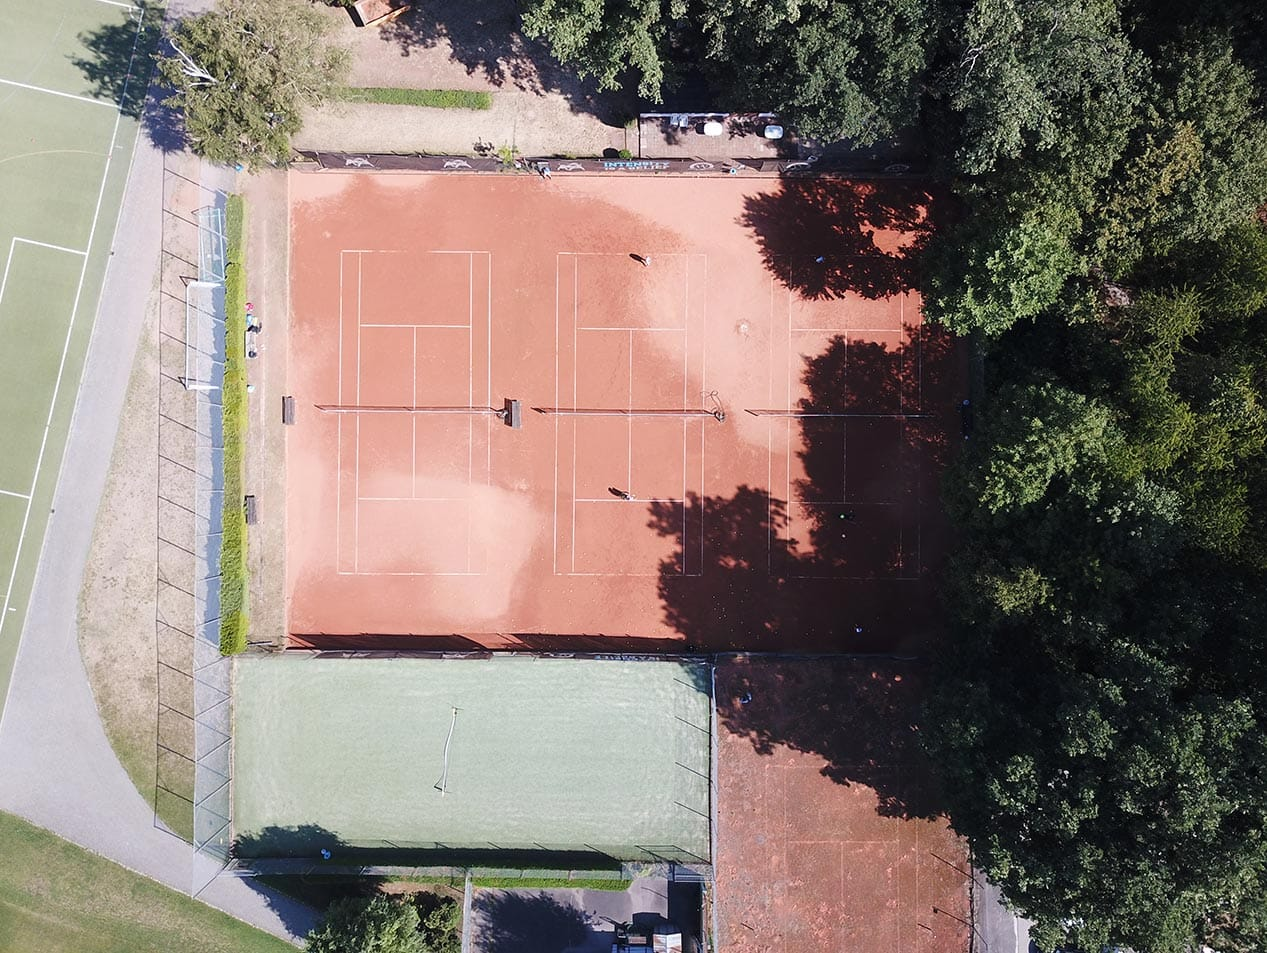 Tennisplatzanlage | BSC 1899 Offenbach am Main